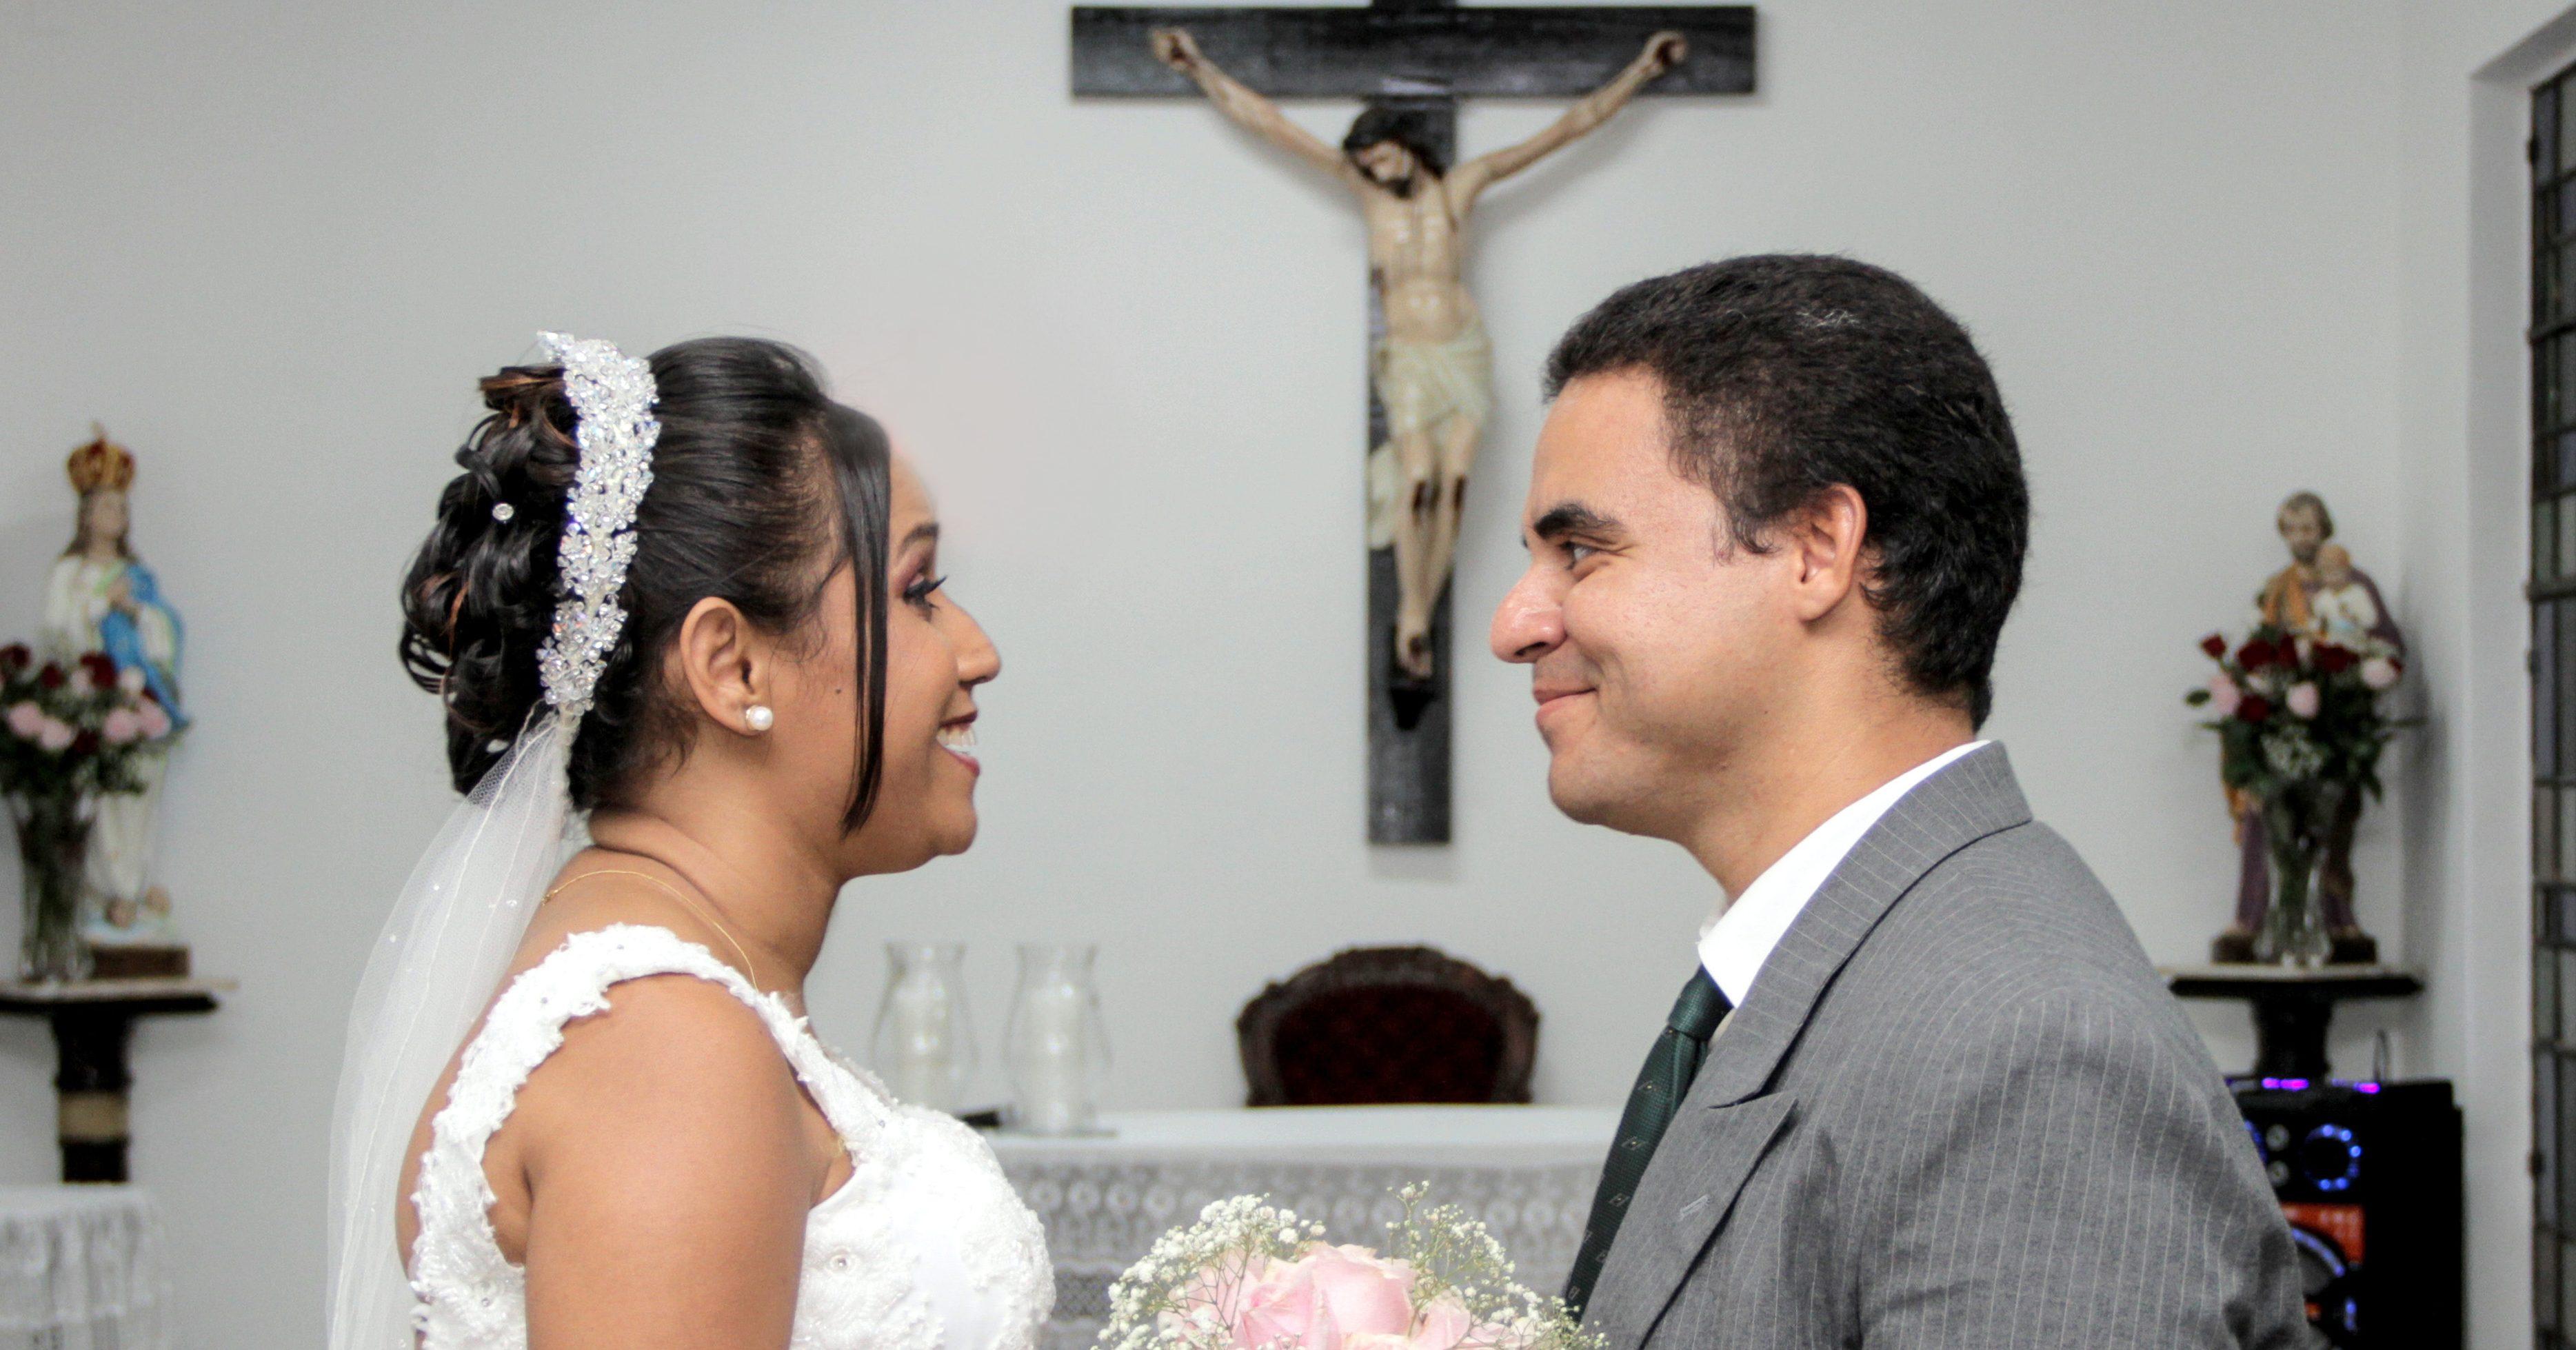 O Sodalício em Festa: Casamento da Jakciane!